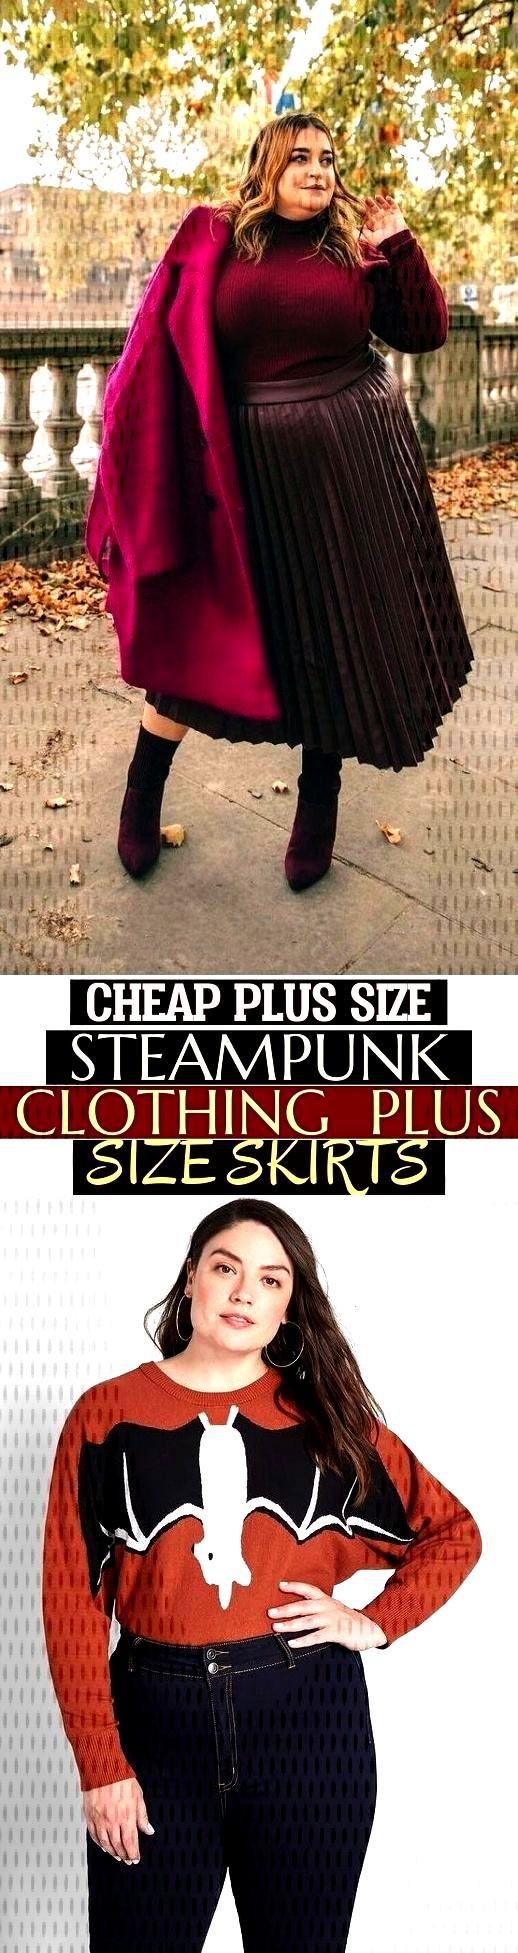 Cheap Plus Size Steampunk Clothing - Plus Size Skirts - , günstige übergrößen steampunk-kleidun